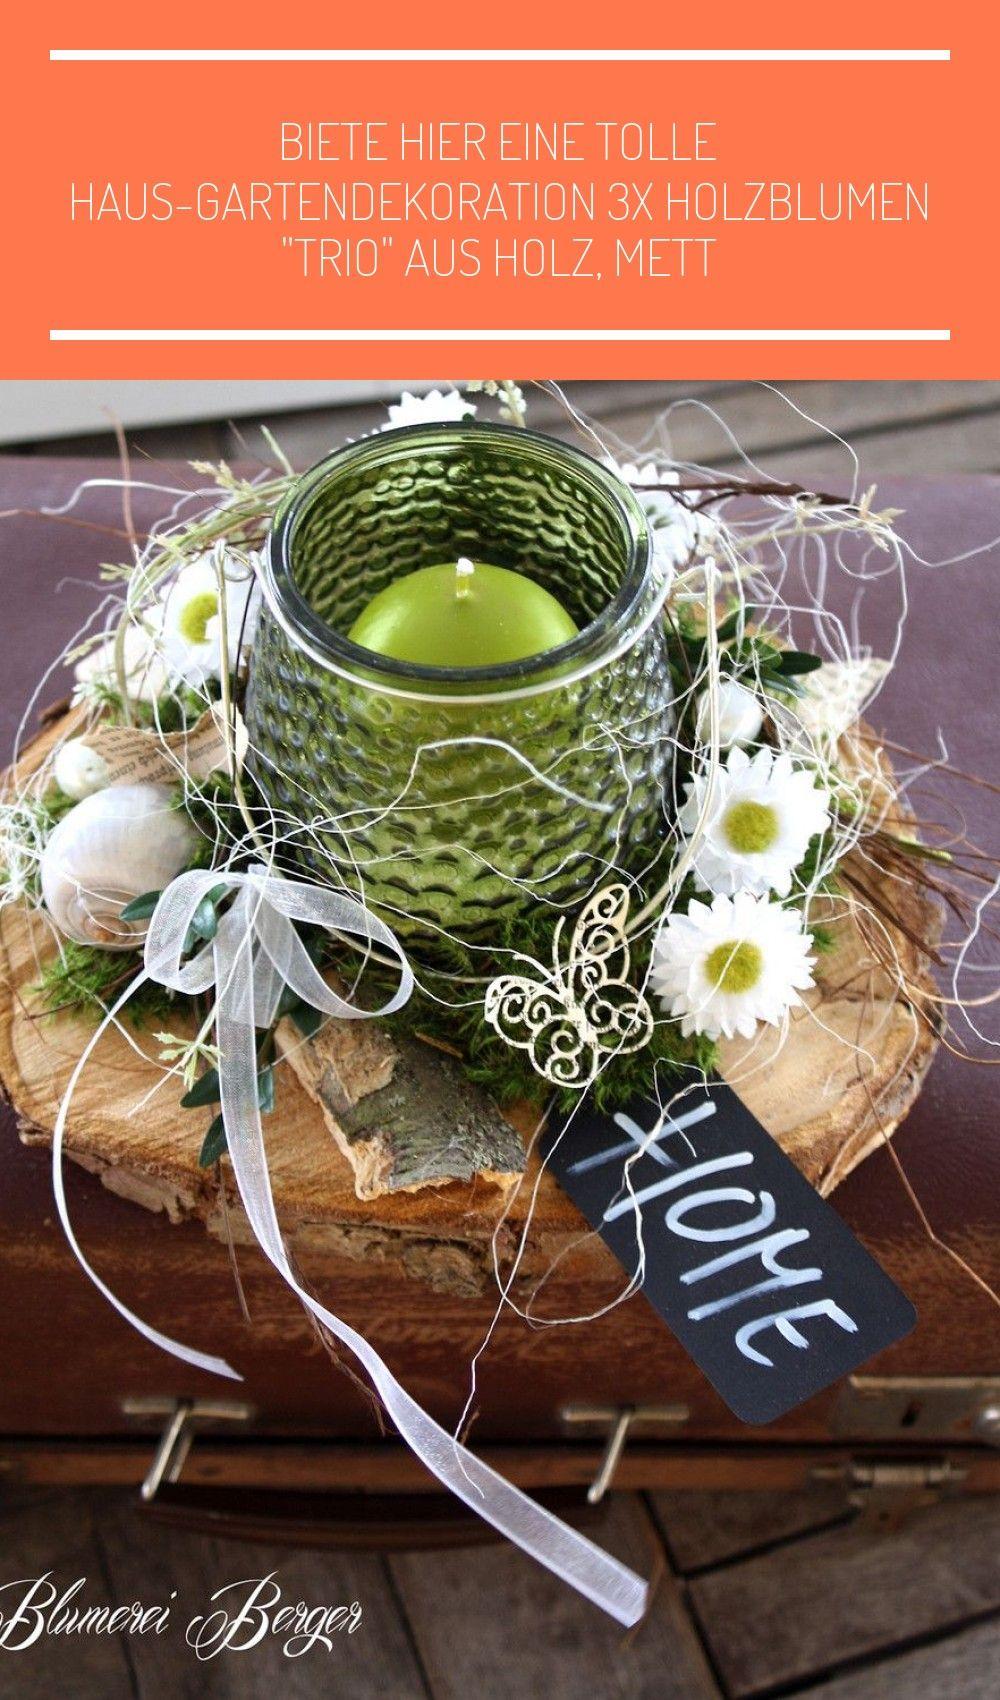 Deko-Objekte - :::: Tischdeko  HOME  :::: - ein Designerstück von BlumereiBerger bei DaWanda #holzscheiben deko frühling #holzscheibendeko